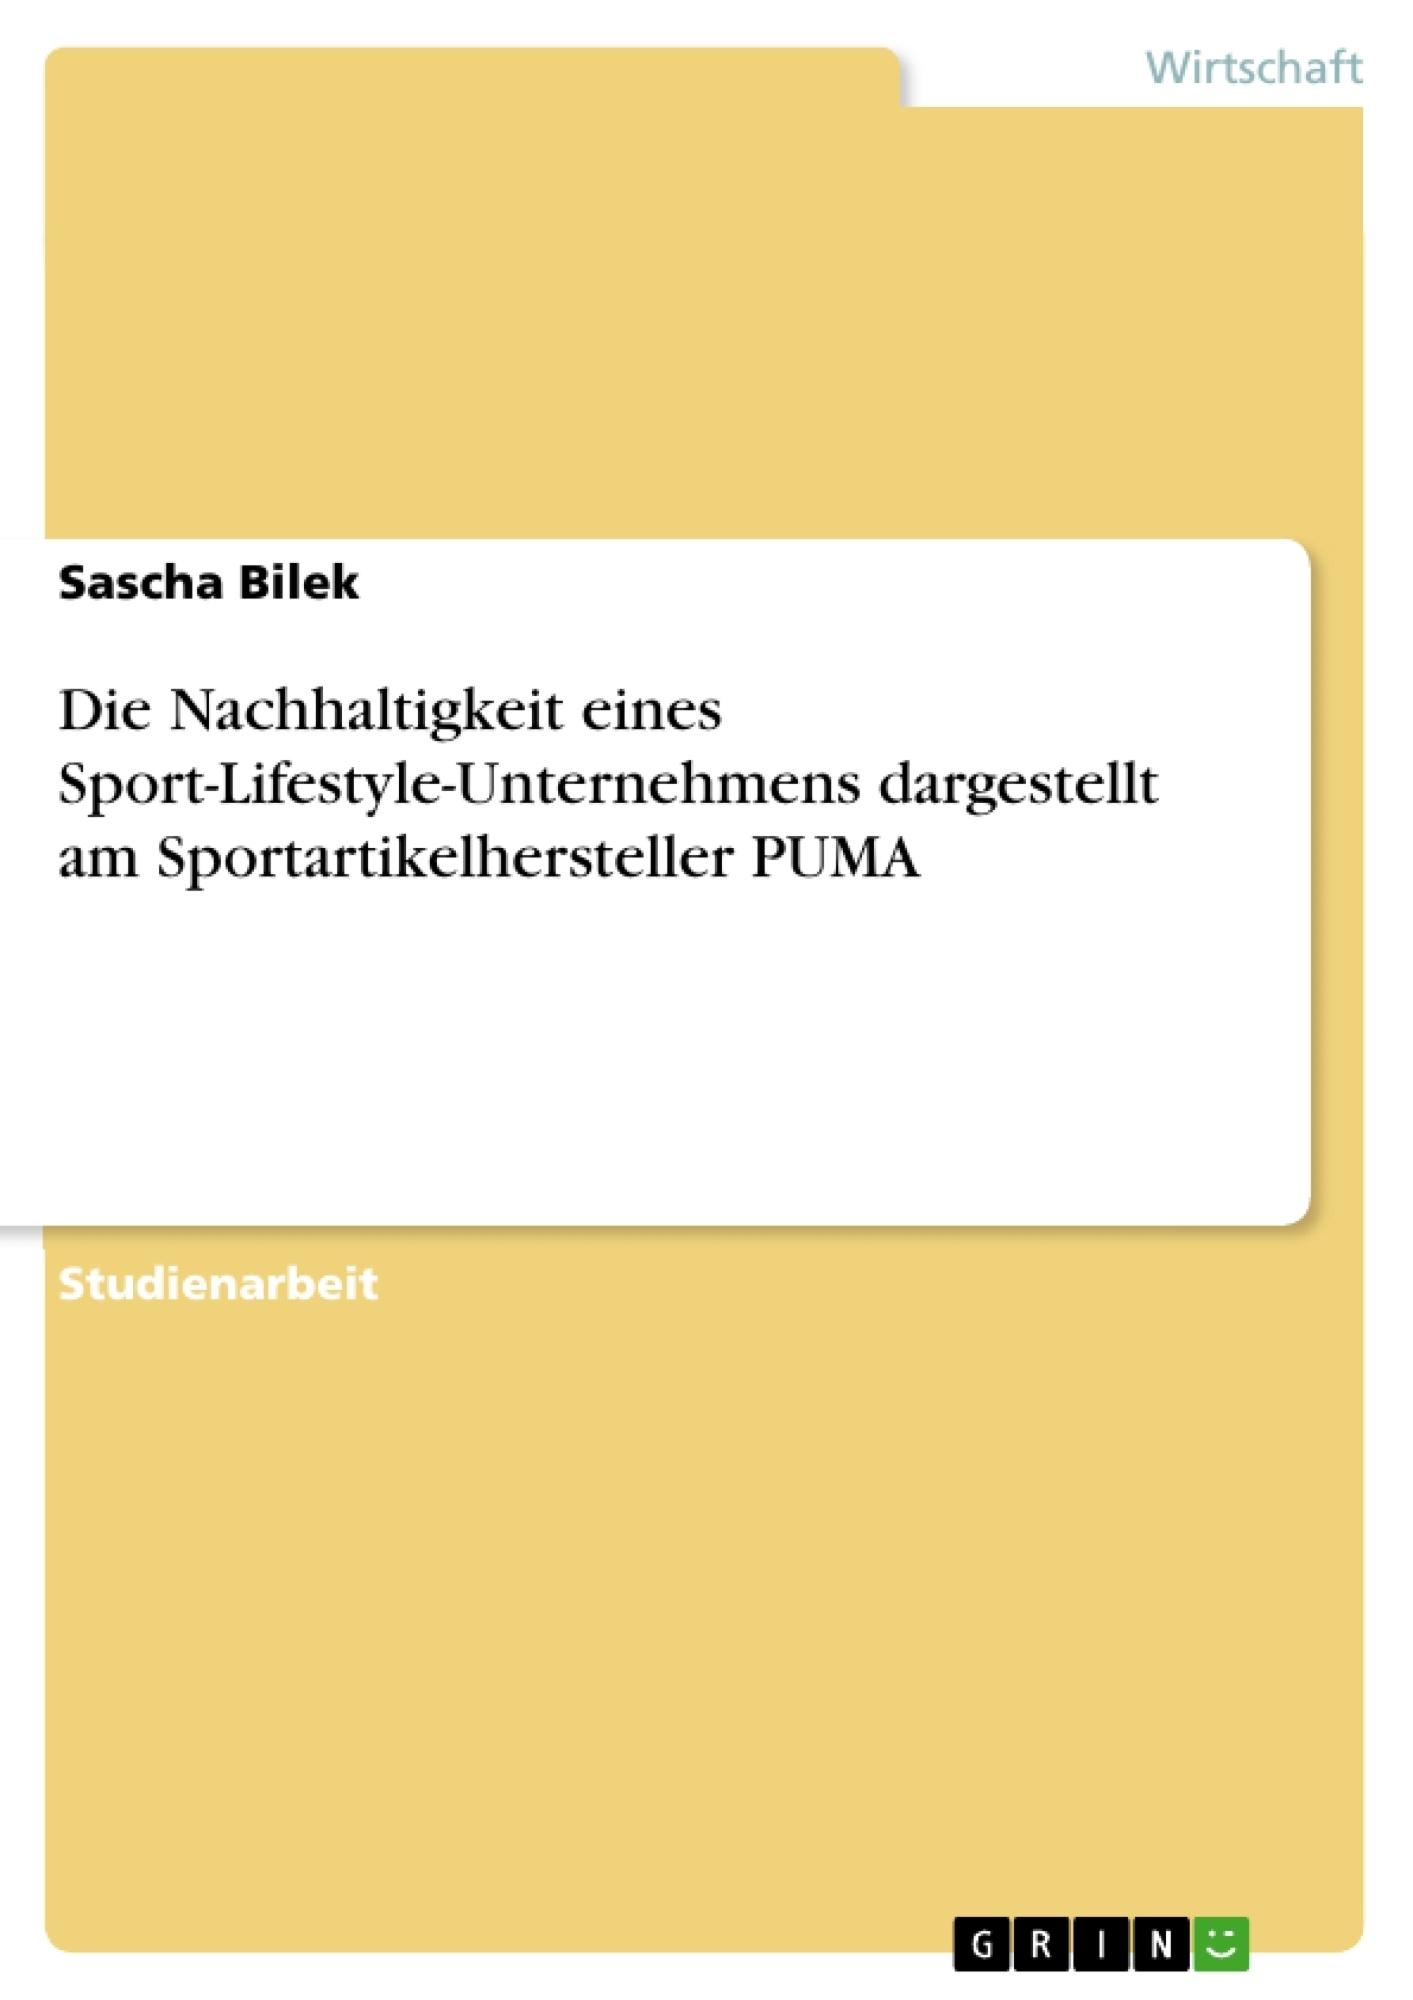 Titel: Die Nachhaltigkeit eines Sport-Lifestyle-Unternehmens dargestellt am Sportartikelhersteller PUMA